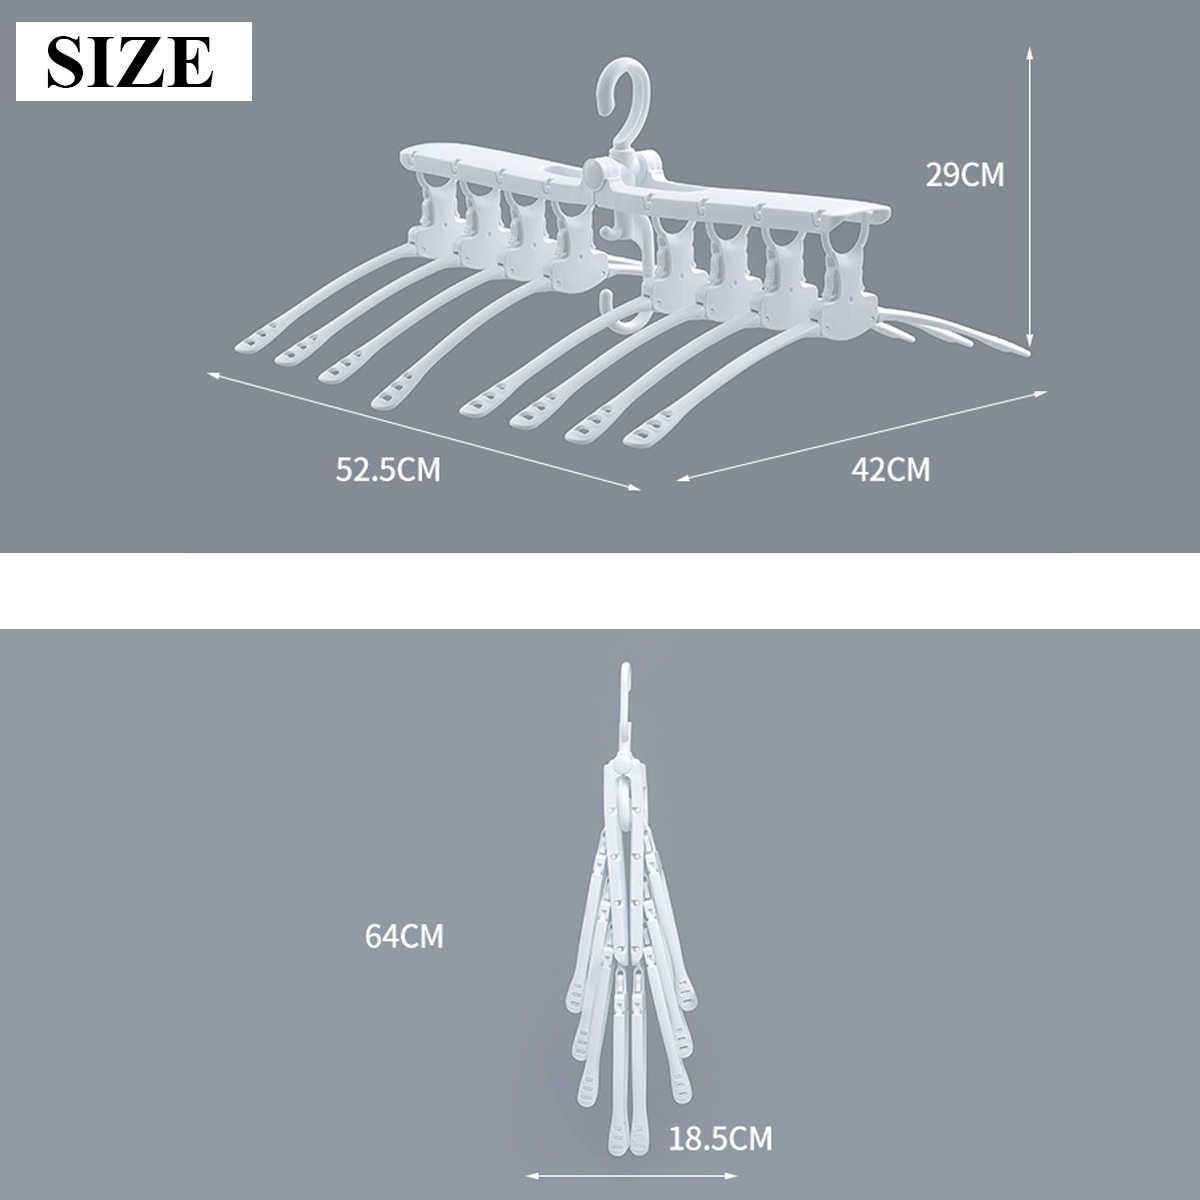 Многофункциональная Пластиковая Складная Одежда Ткань Вешалка Сушилка сушилка вешалка для одежды вешалки для белья